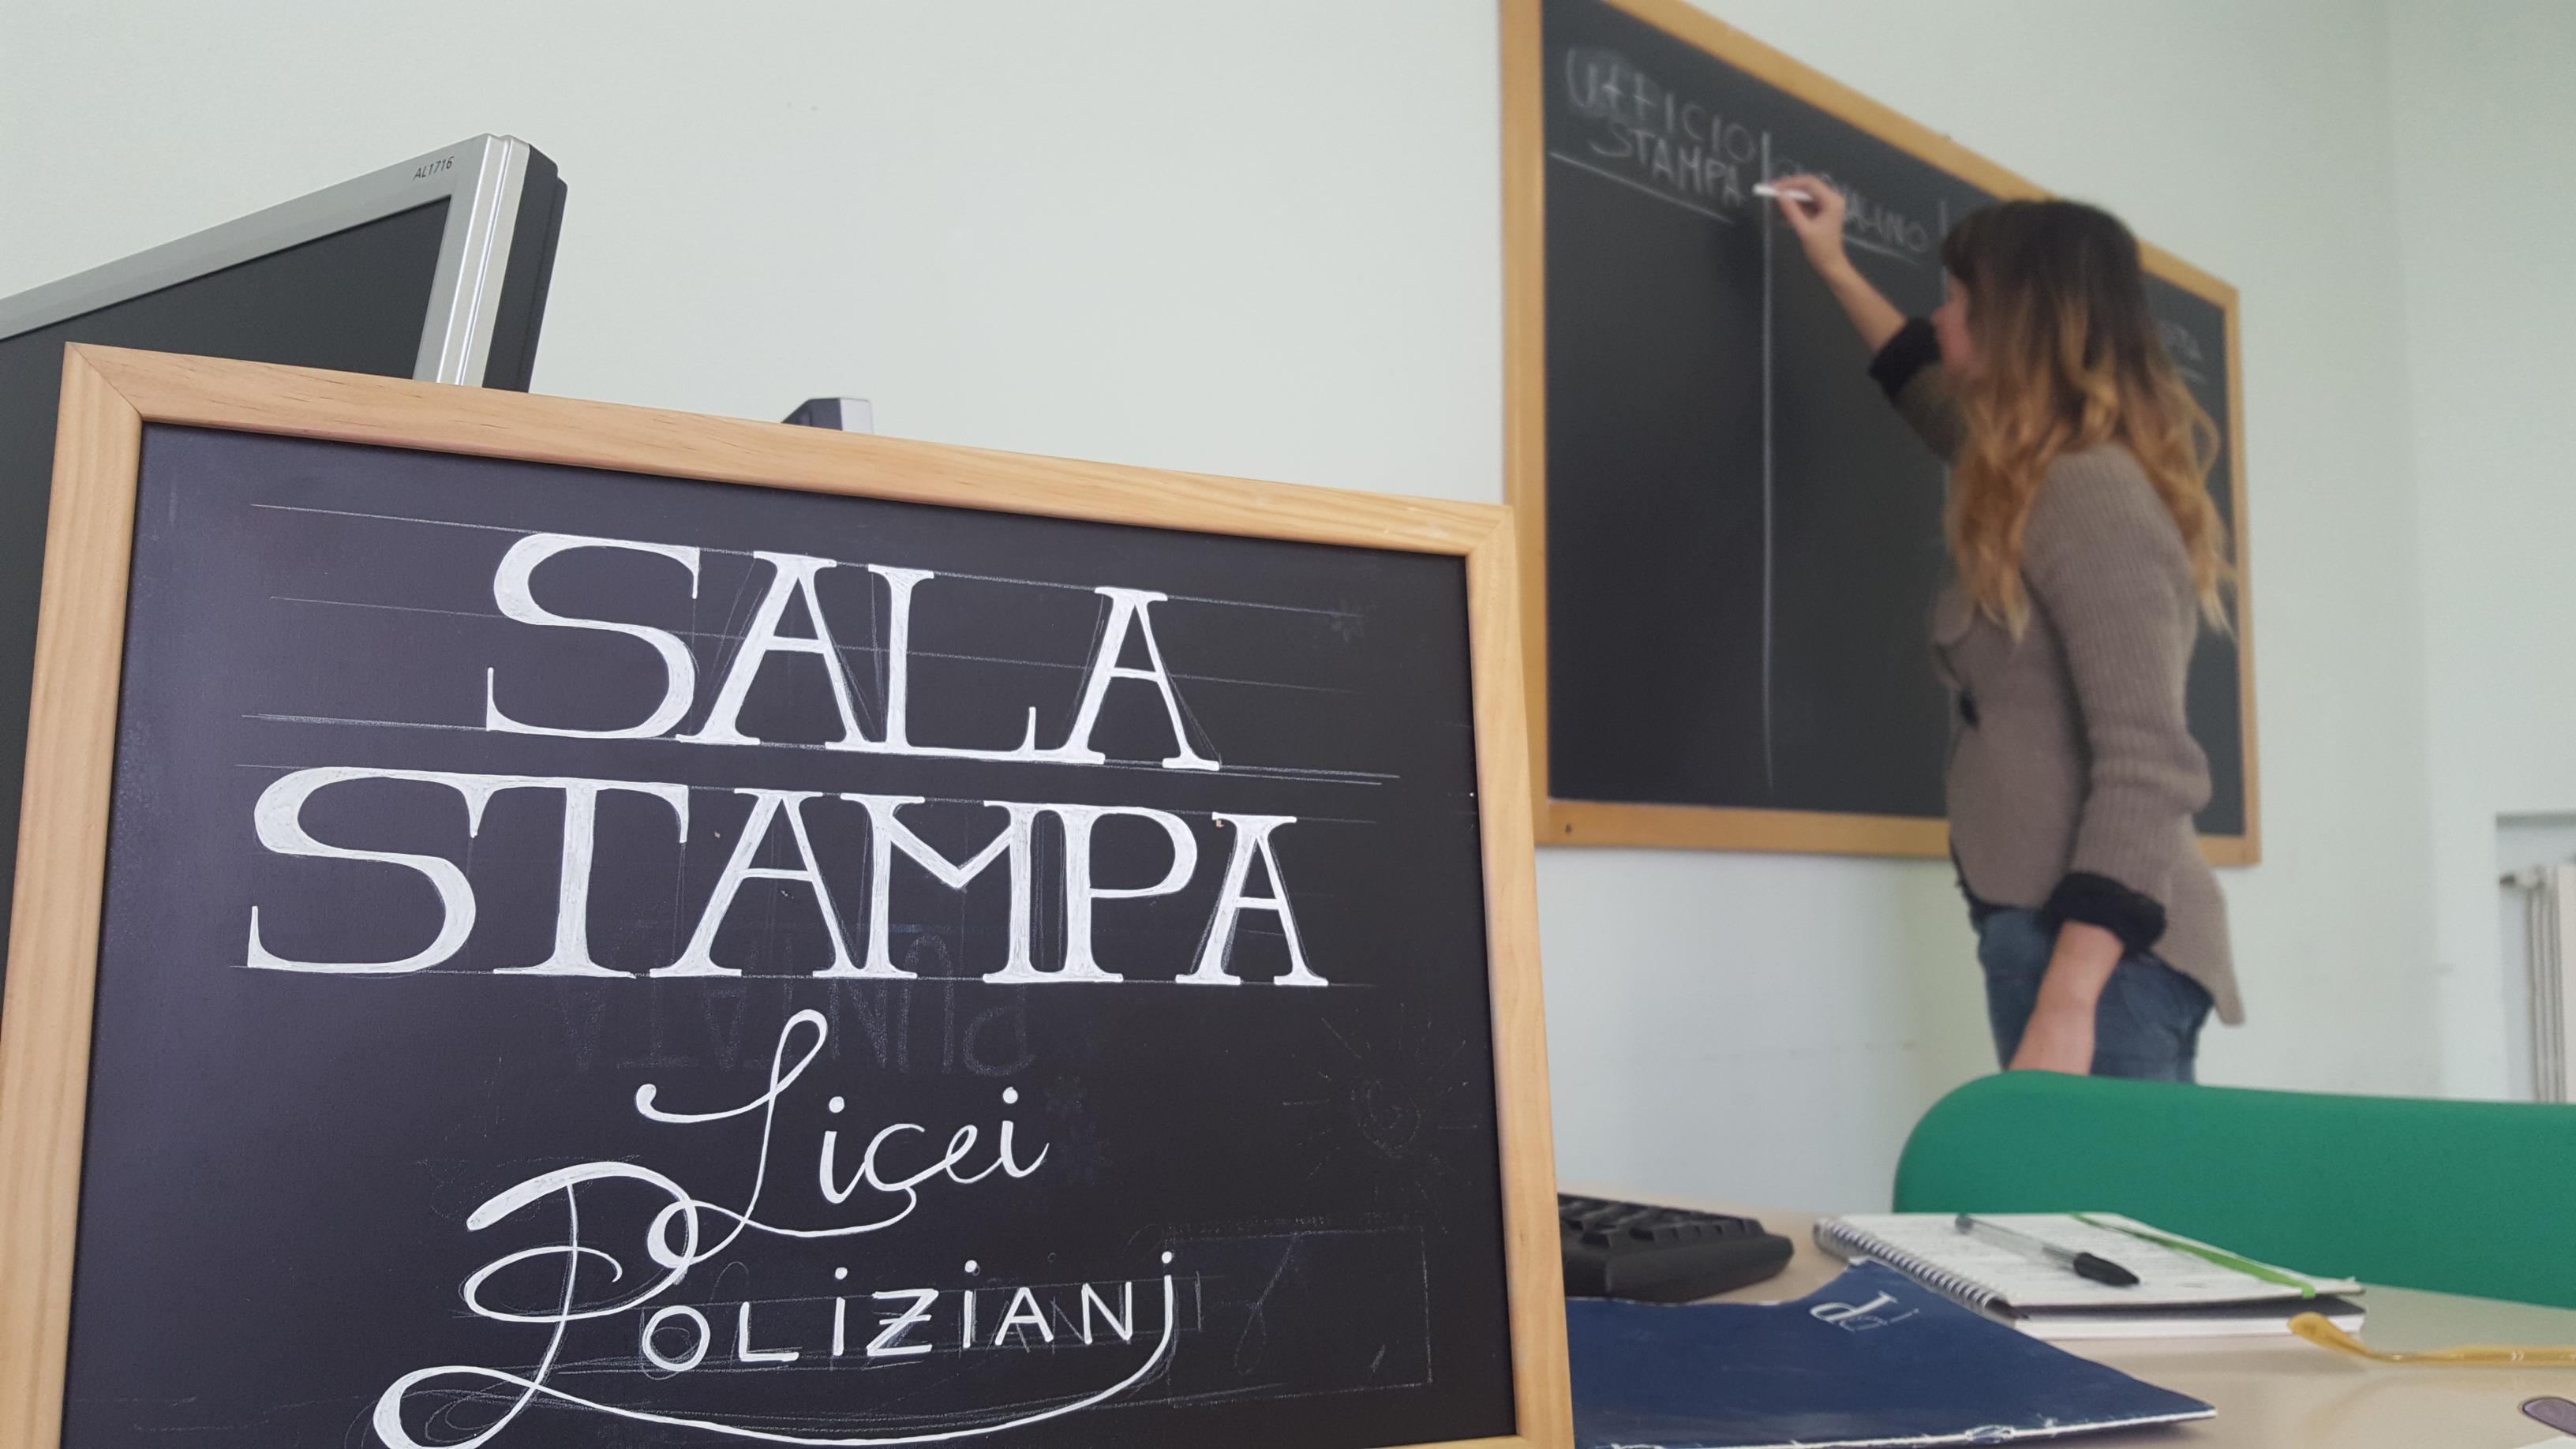 L'editoria torna a scuola: il progetto dei licei poliziani